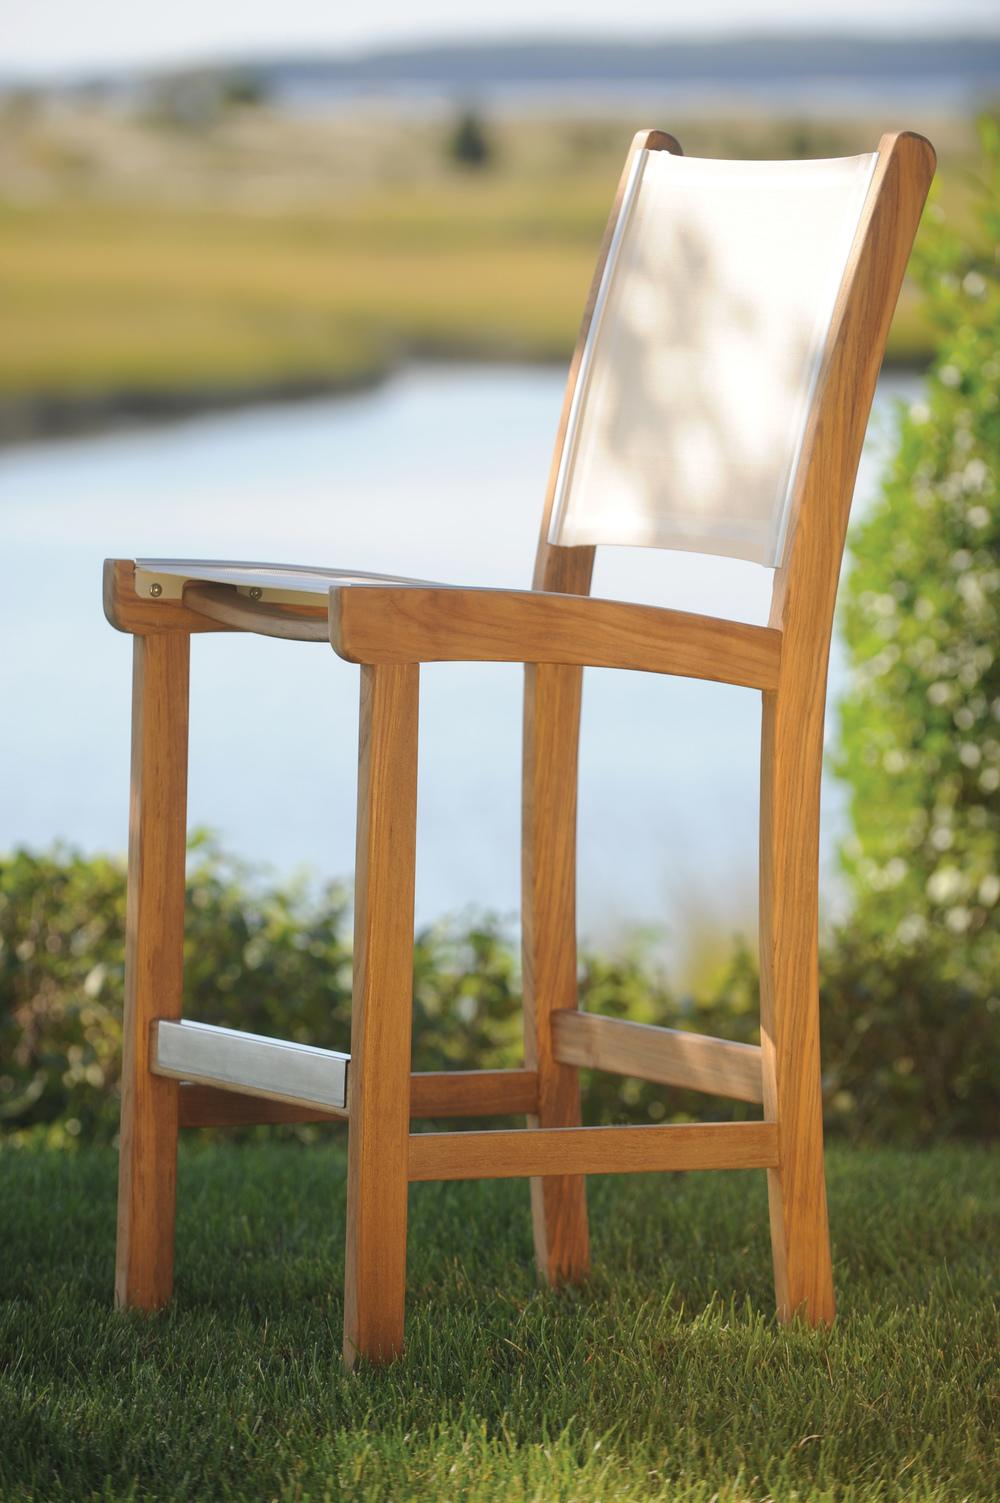 Kingsley-Bate - Armless Bar Chair